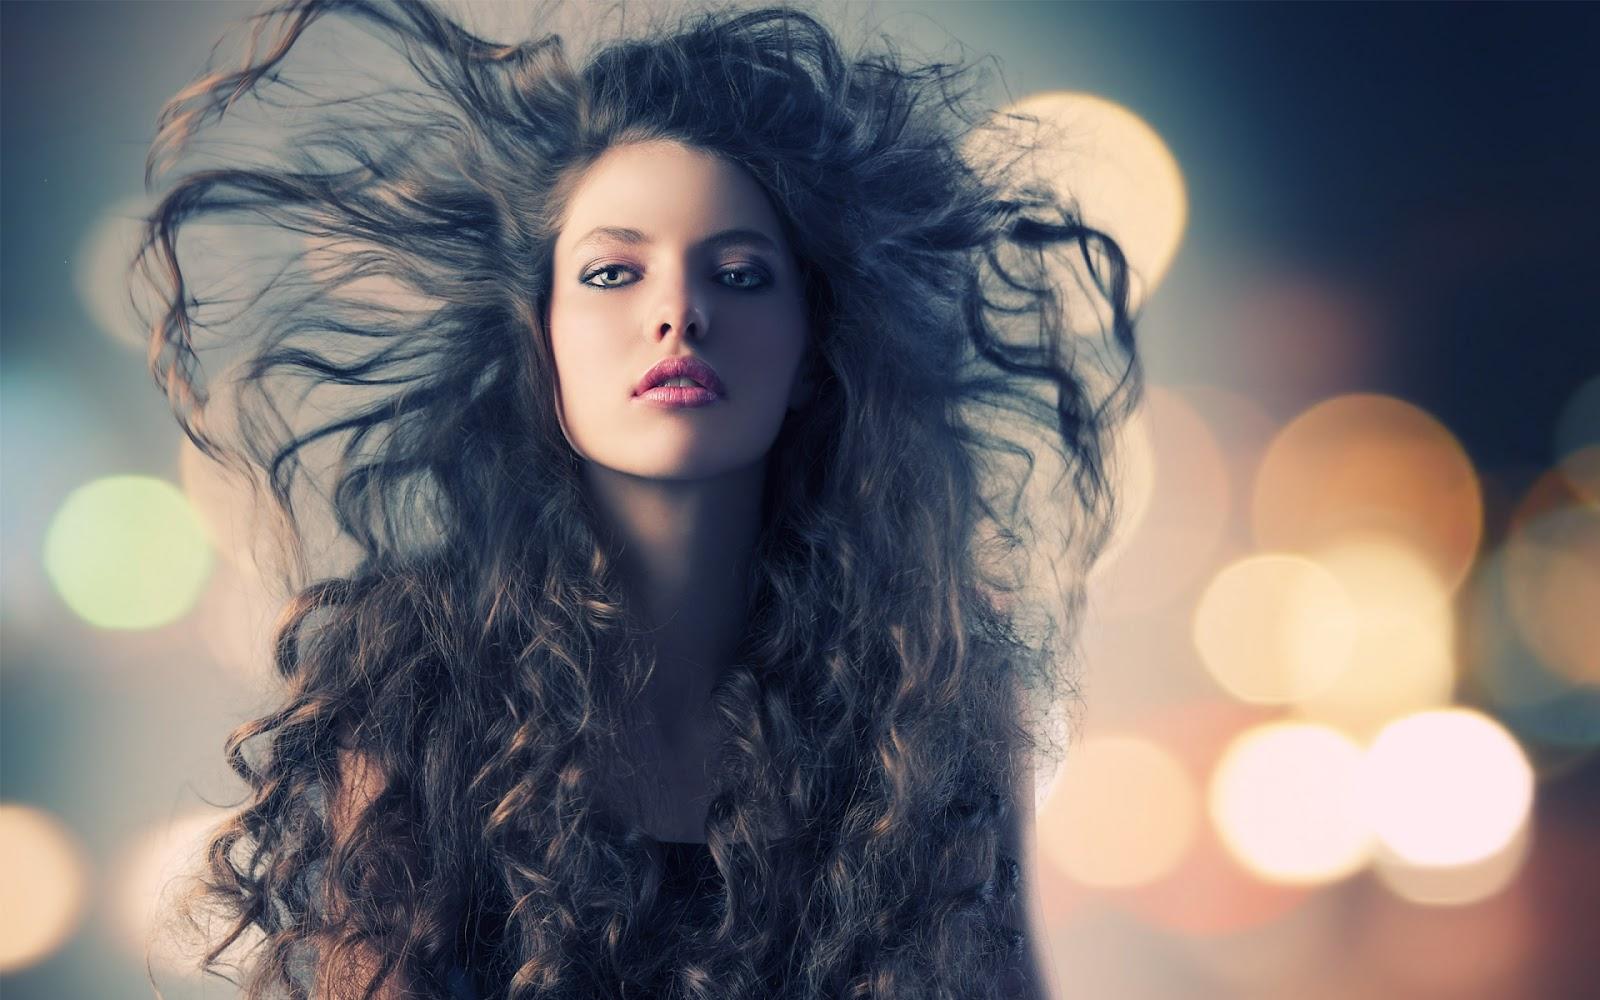 makeup-summer-beauty-trends-wallpaper-for-1920x1200-widescreen-1948-11.jpg